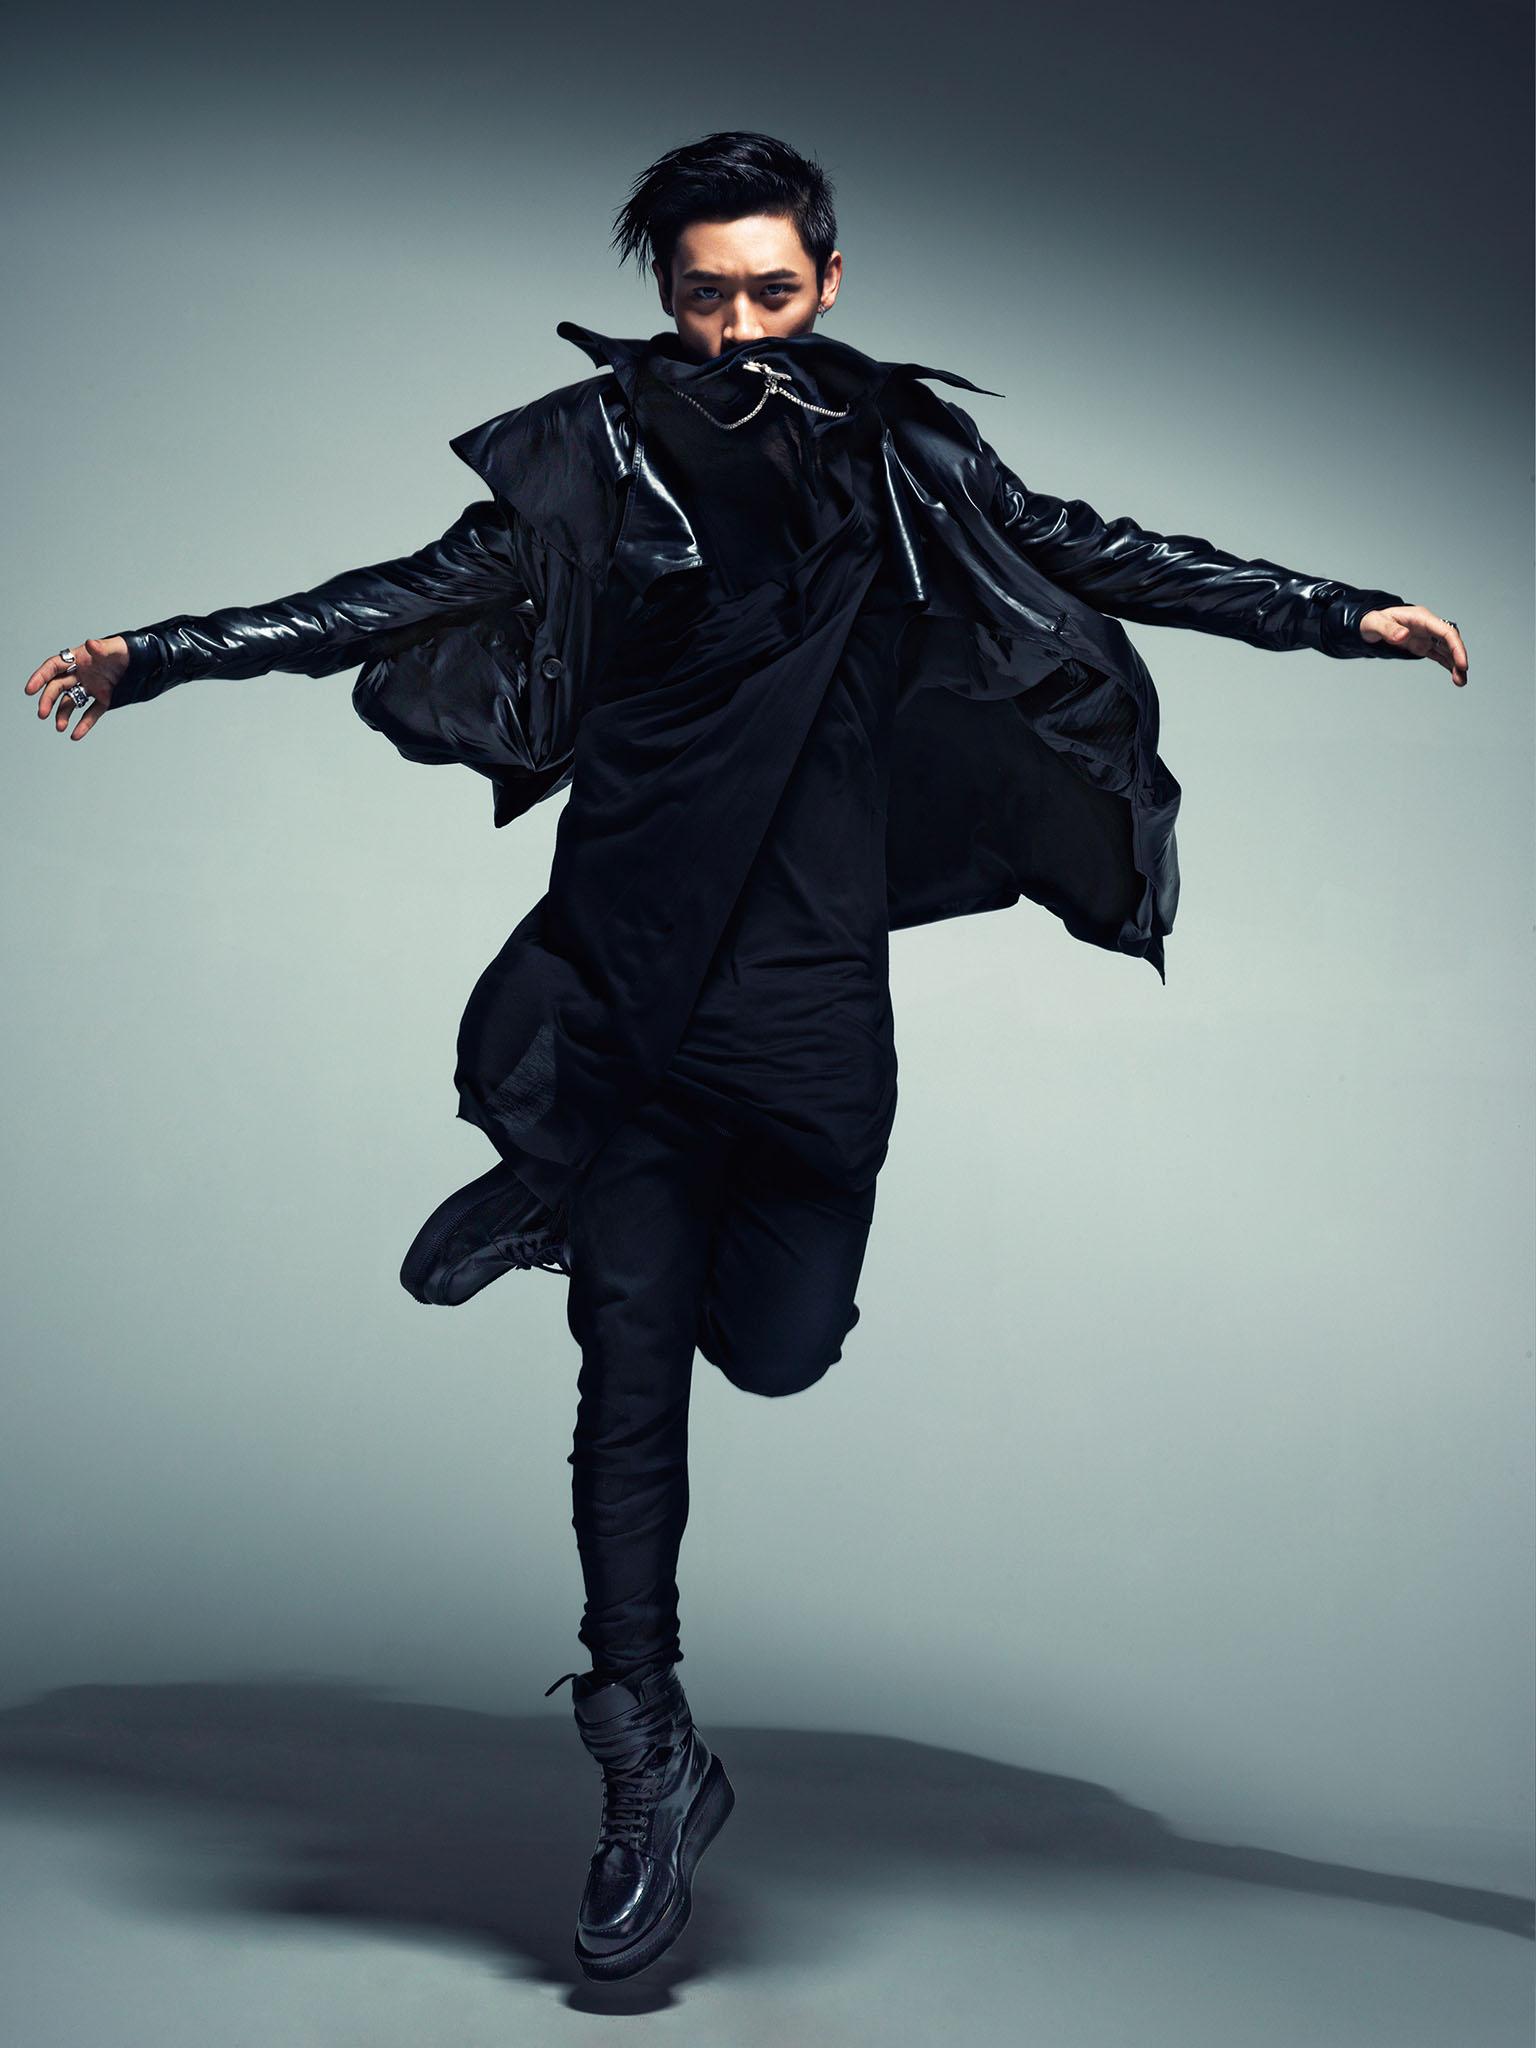 搭配深灰色呢大衣,令魏晨充满时尚感且不失男人味;另